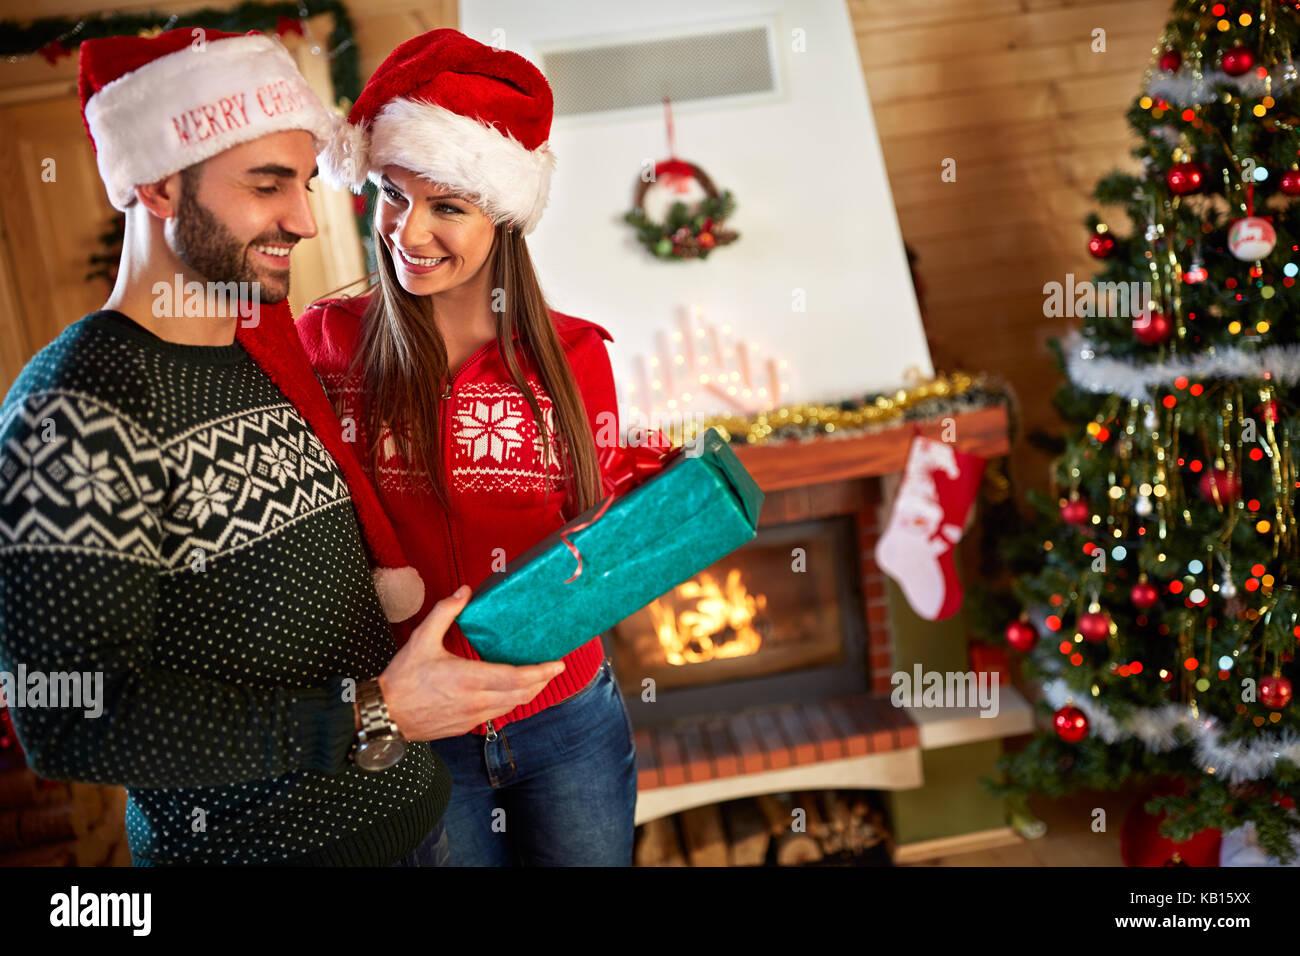 Junges Paar Geschenke für Weihnachten Stockfoto, Bild: 161681154 - Alamy